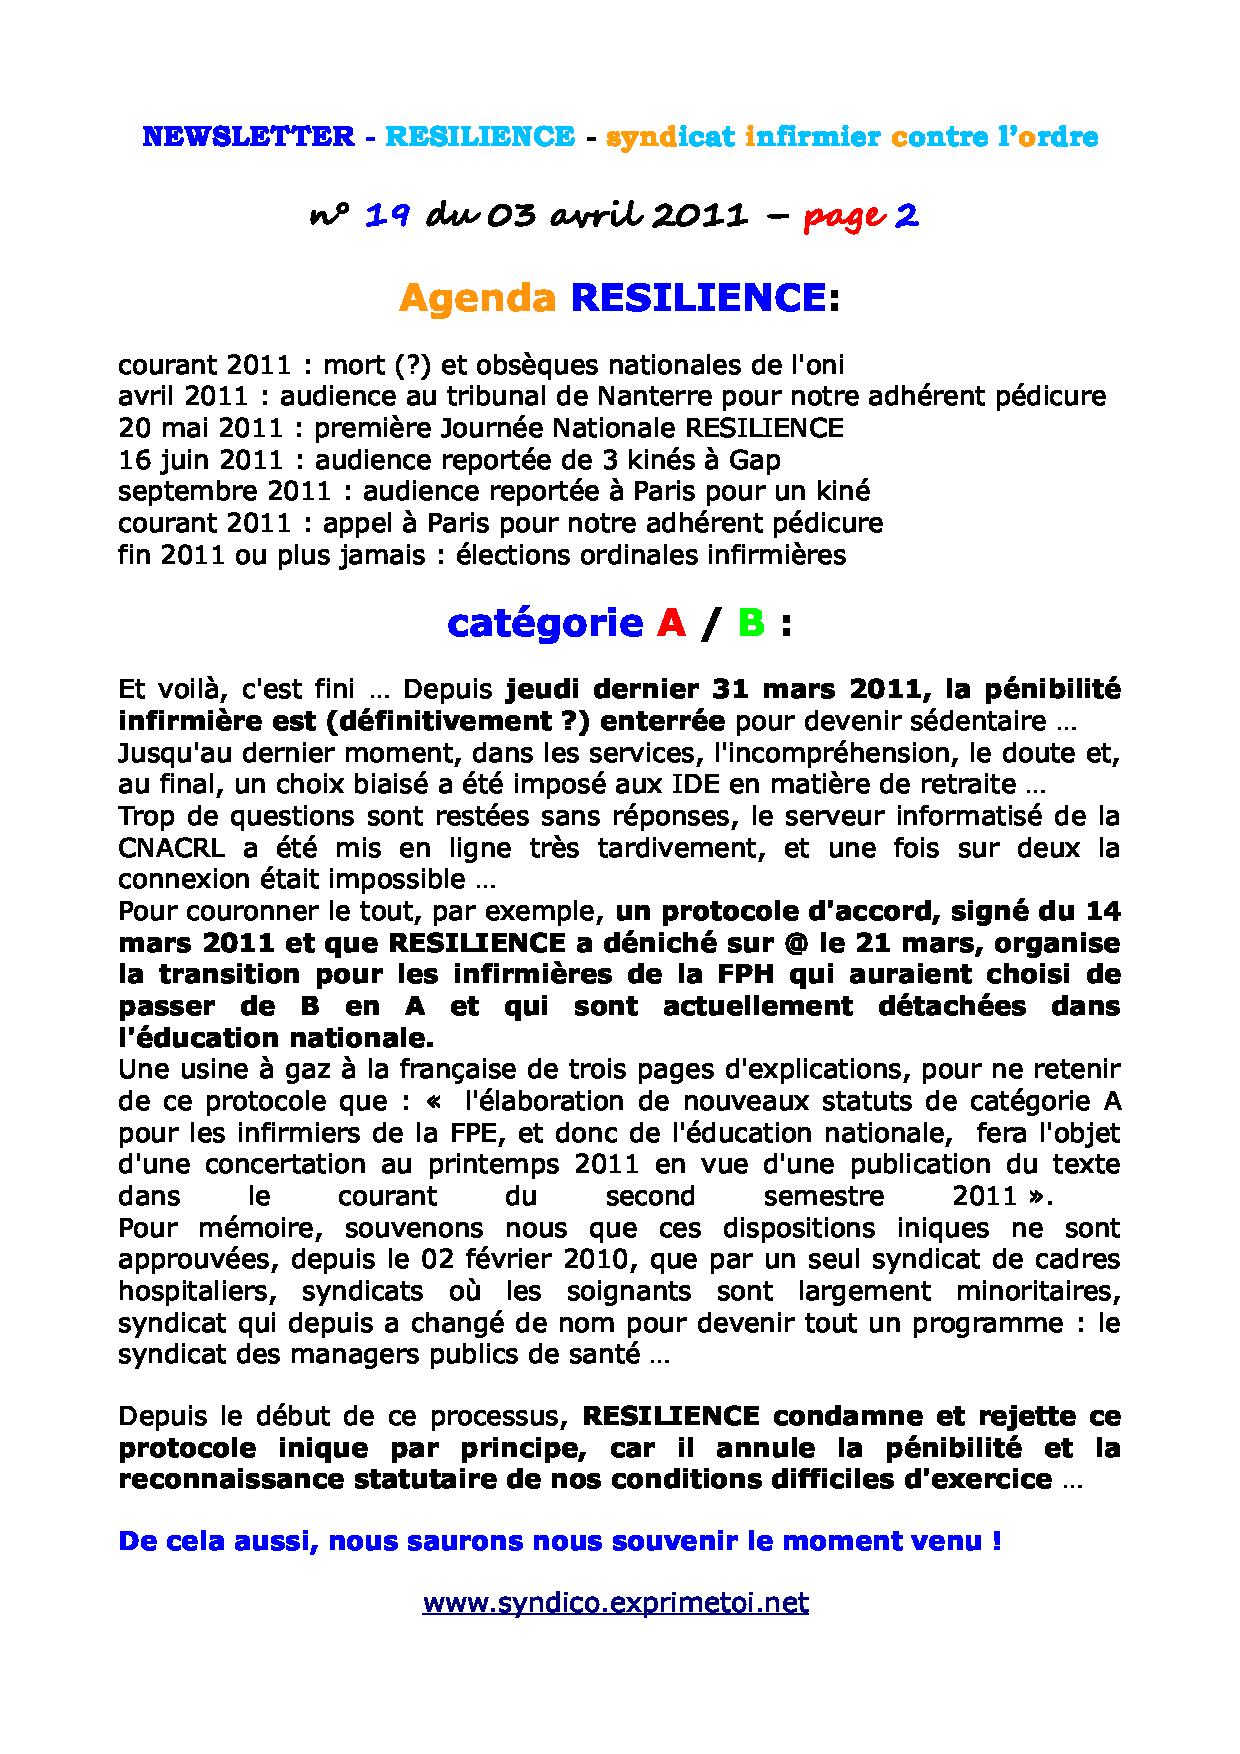 Newsletter RESILIENCE n°19 du 03 avril 2011 1104030214161139707930310